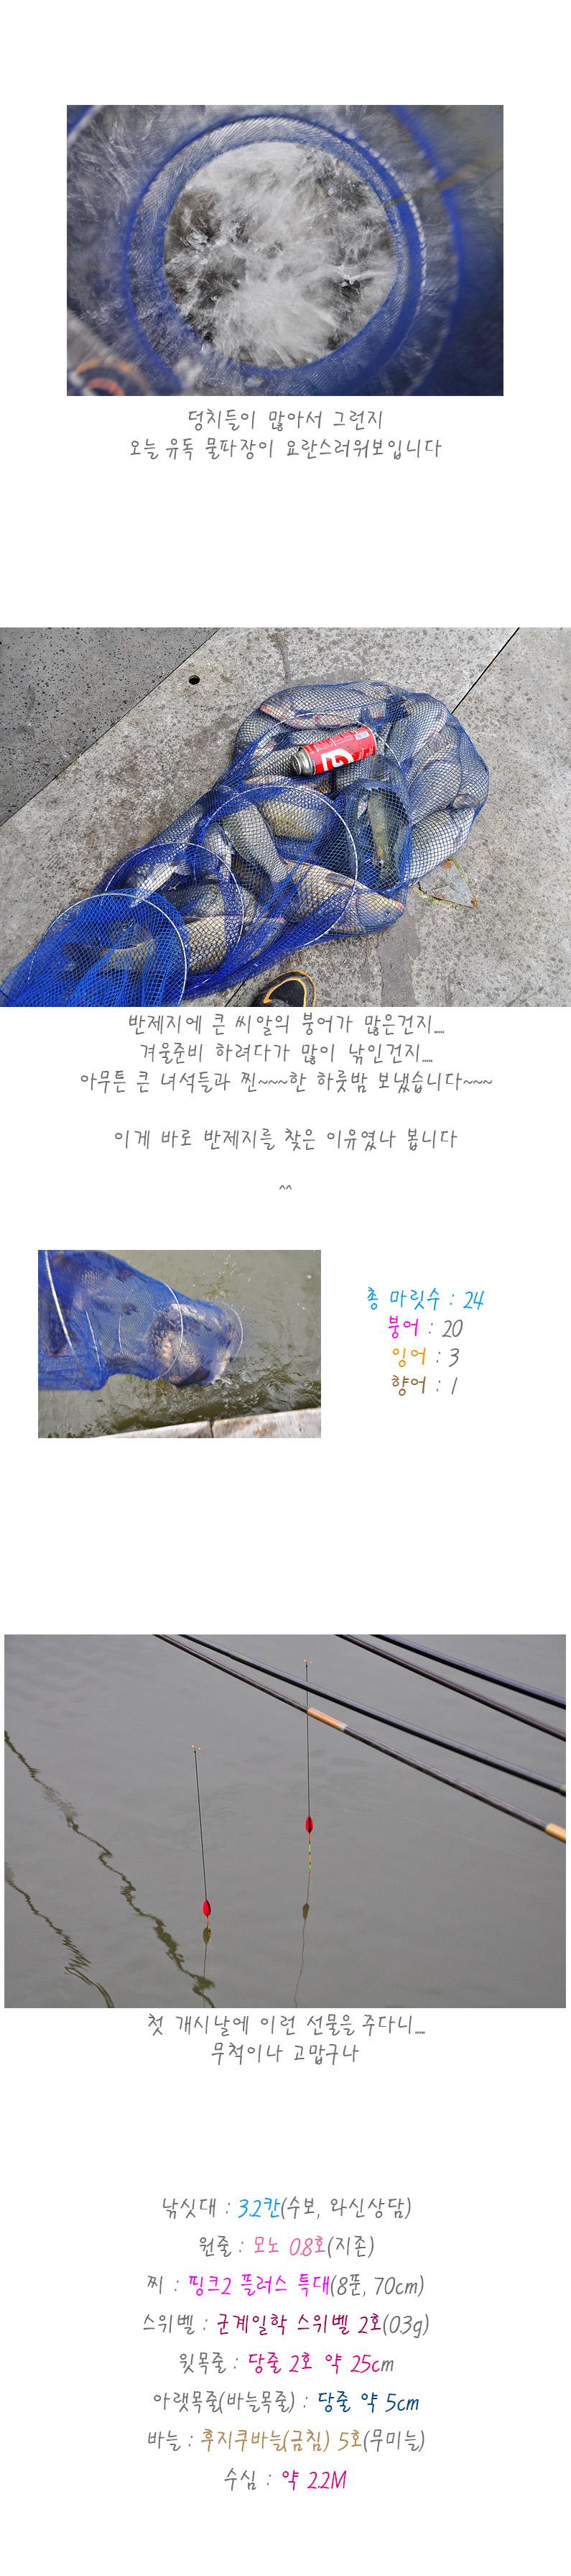 반제지 - 11.jpg